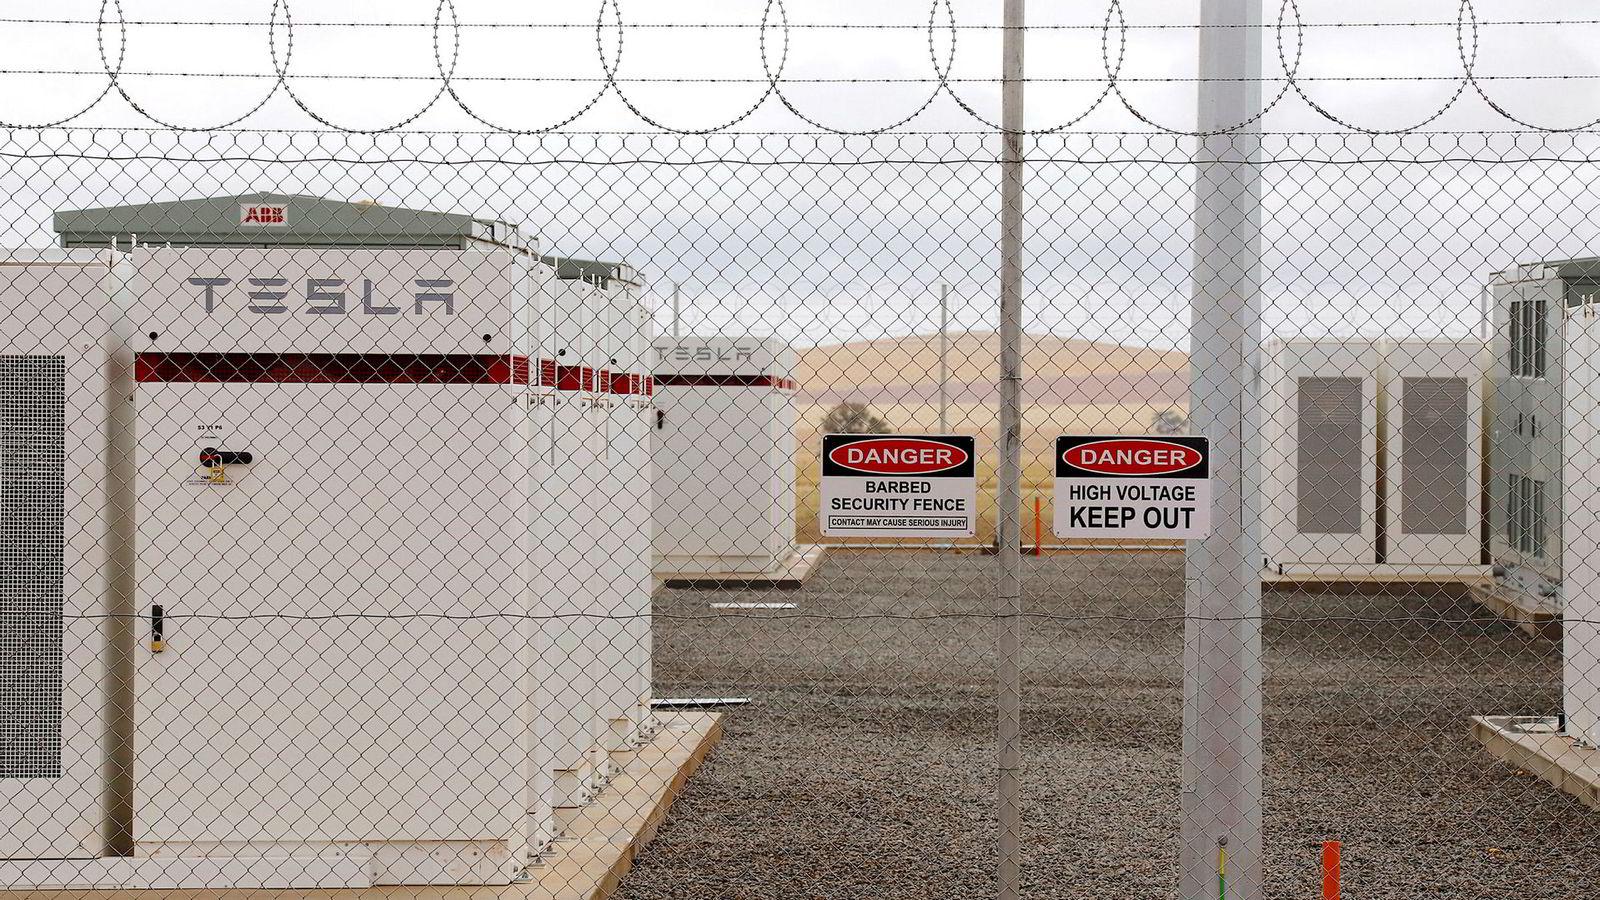 Et av verdens største litium ion-batterier laget av Tesla finner man i Australia. I forrige uke lanserte selskapet offisielt sitt megapack-batteri, med strømlagring for kraftbransjen.